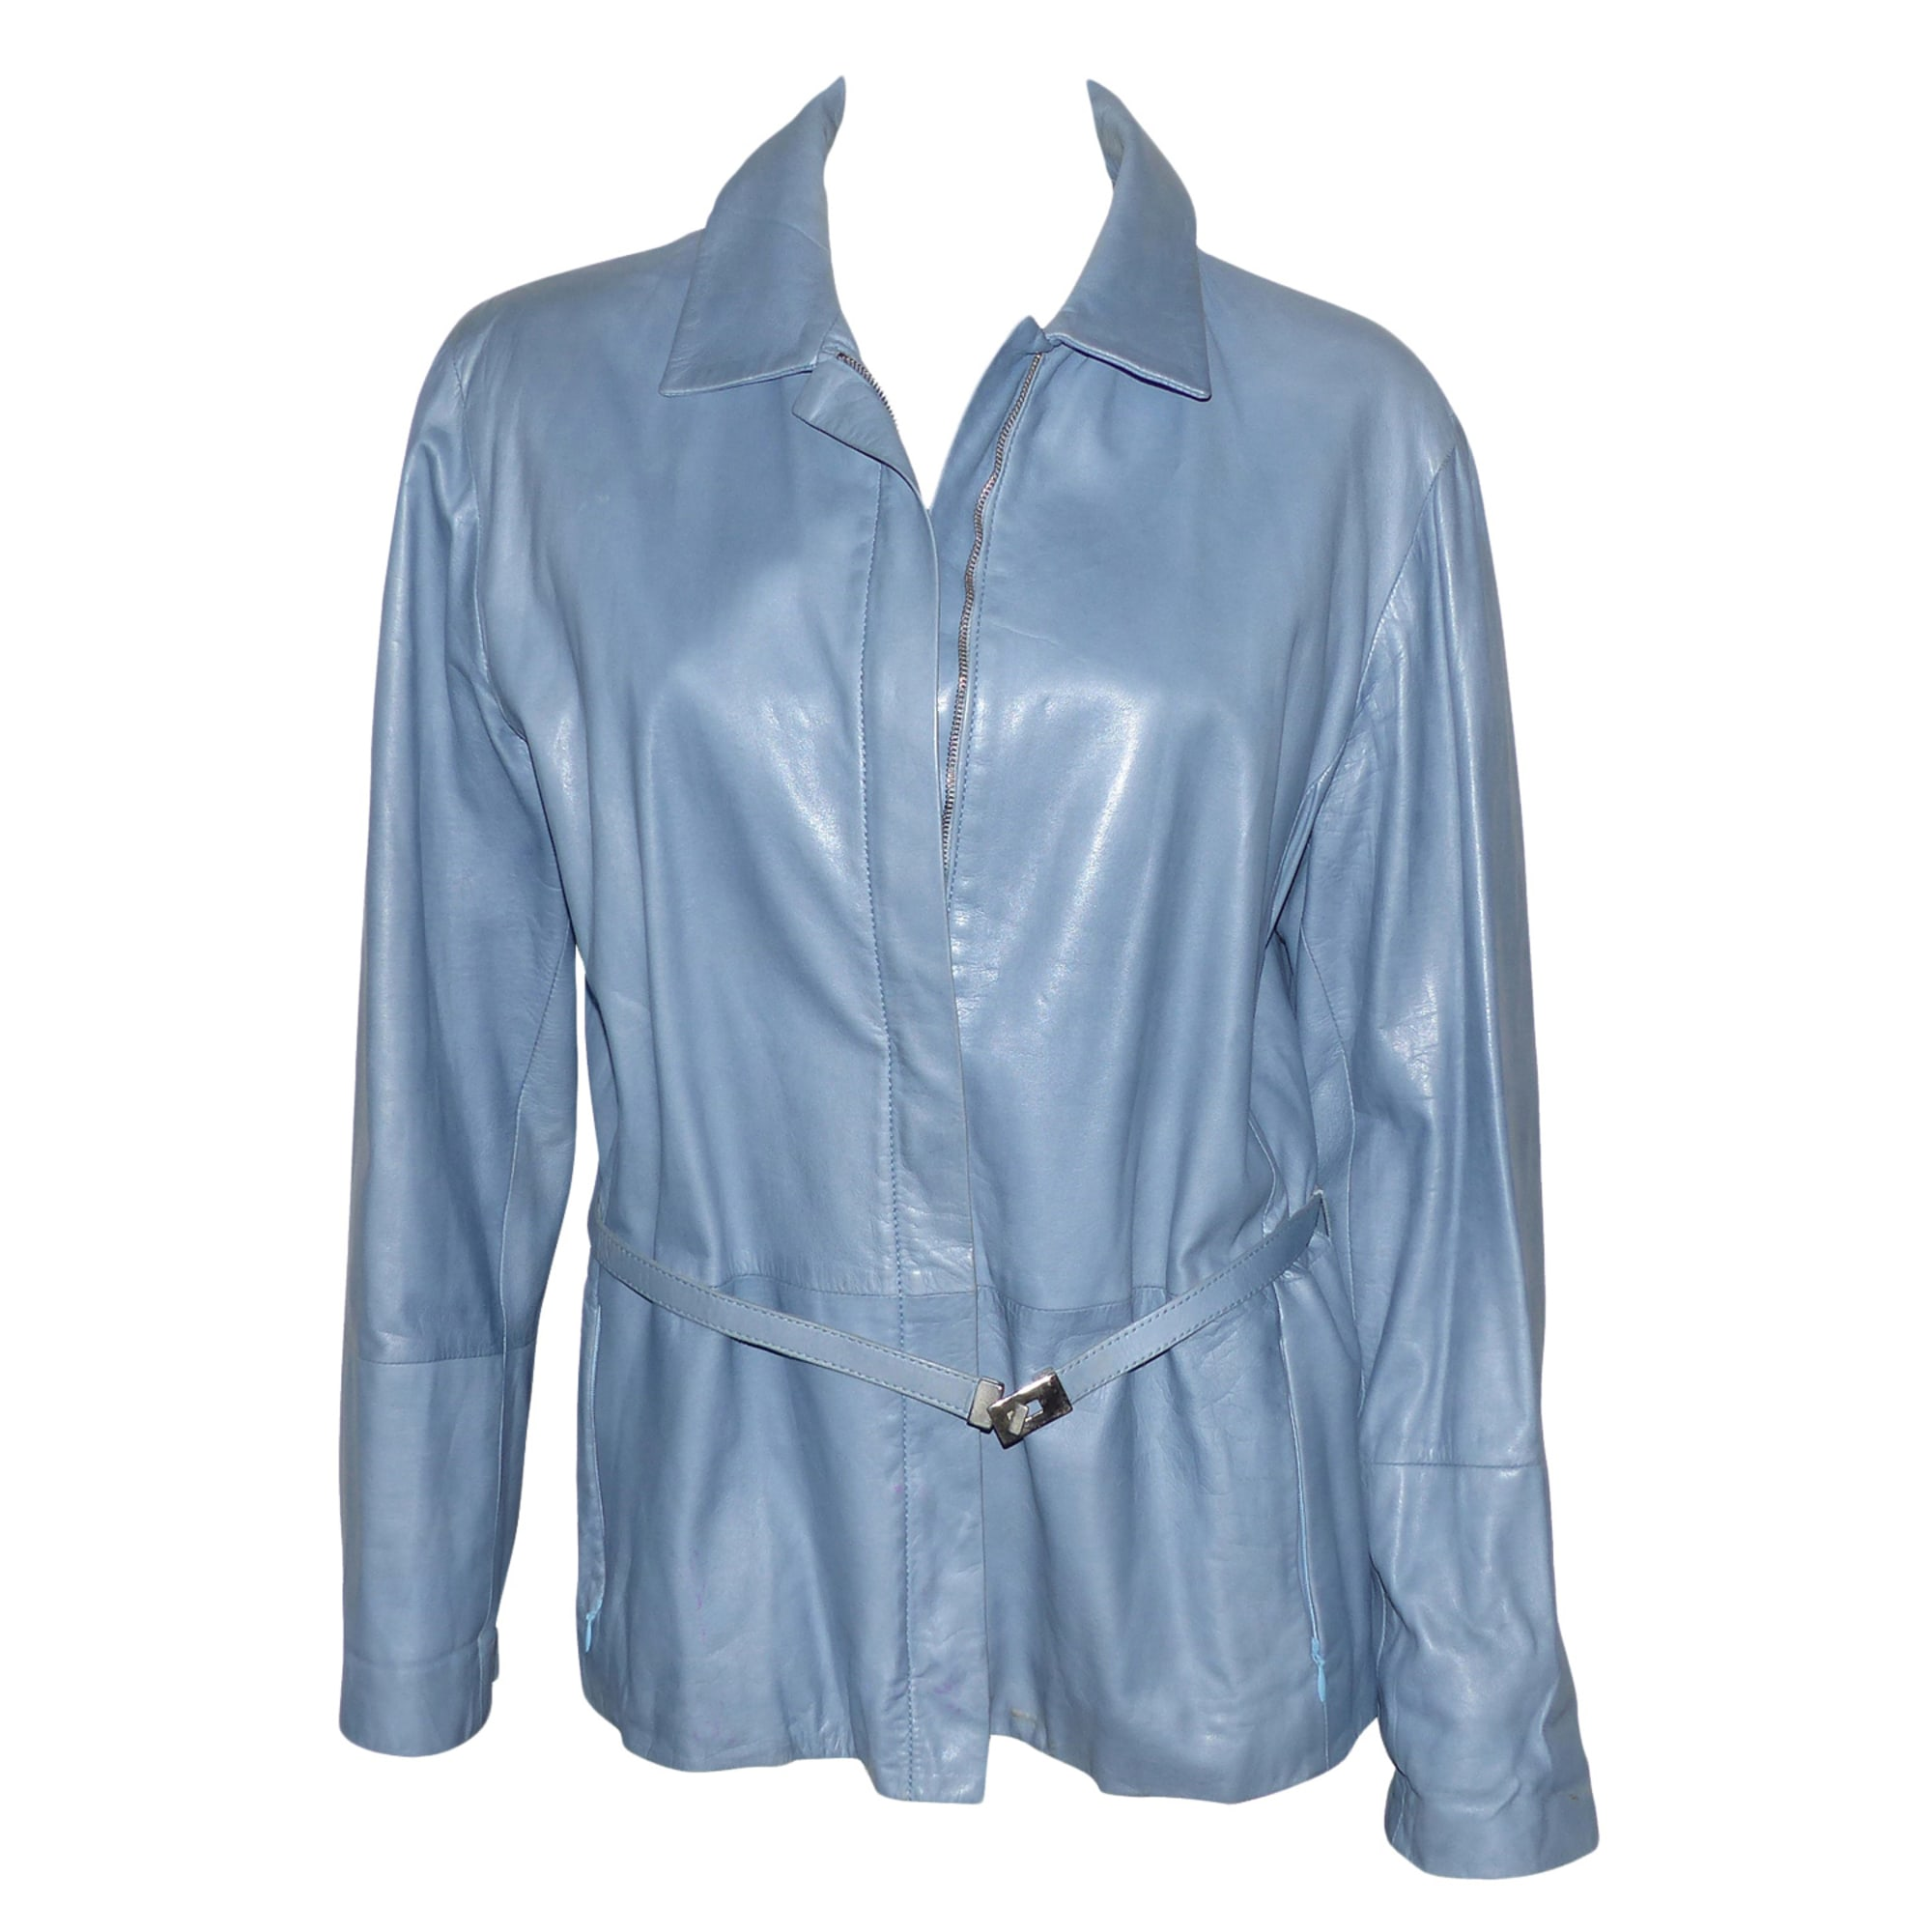 Veste en cuir MAX MARA Bleu, bleu marine, bleu turquoise